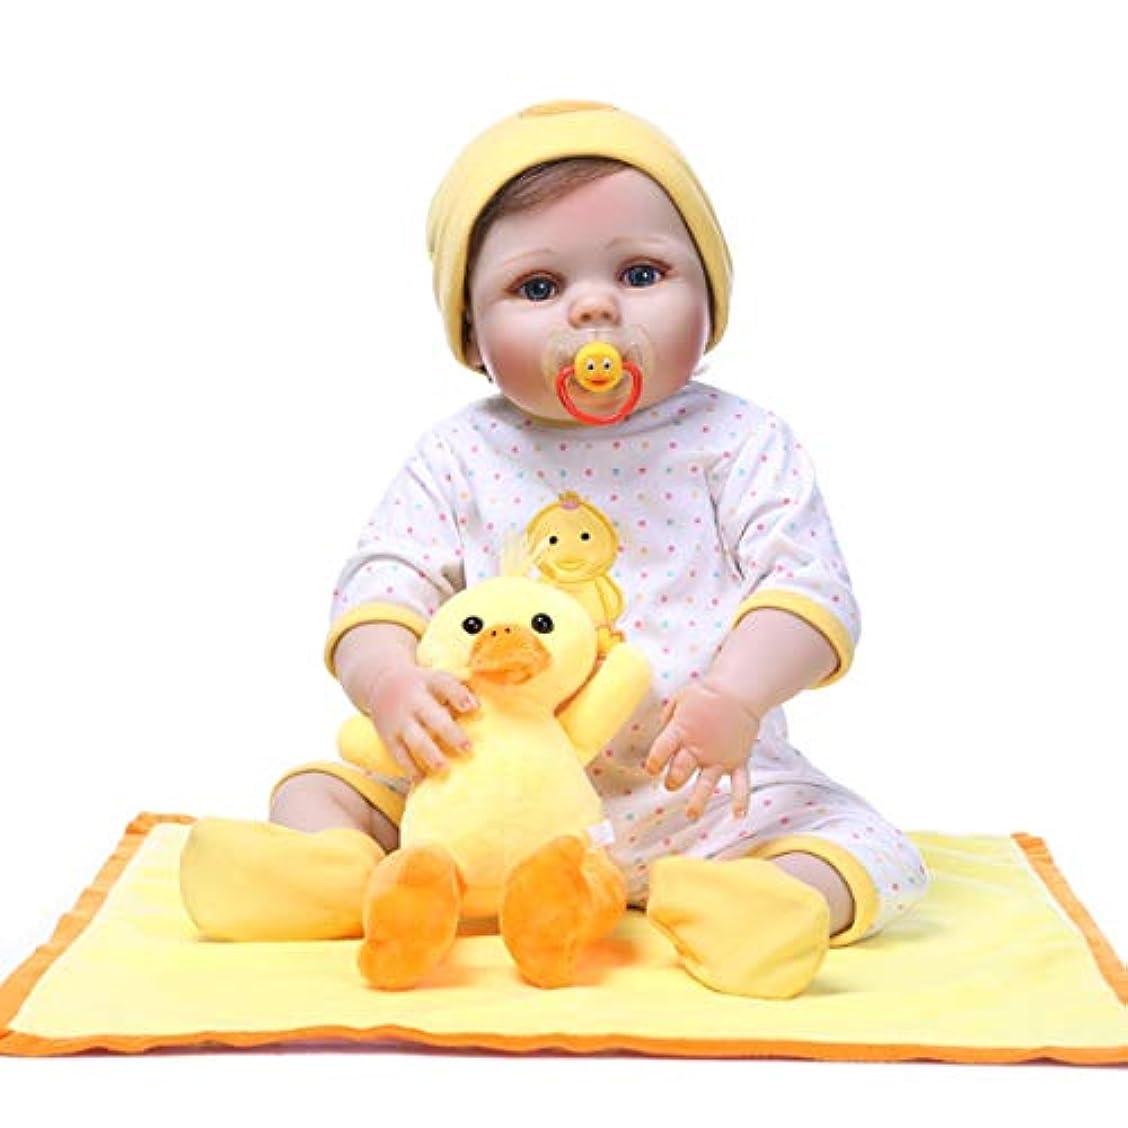 避ける腐食するスキーム赤ちゃんのアヒルの人形の写真のトレーニング人形新生児の写真の小道具ポーズ小道具姿勢トレーニング人形(色:黄色)